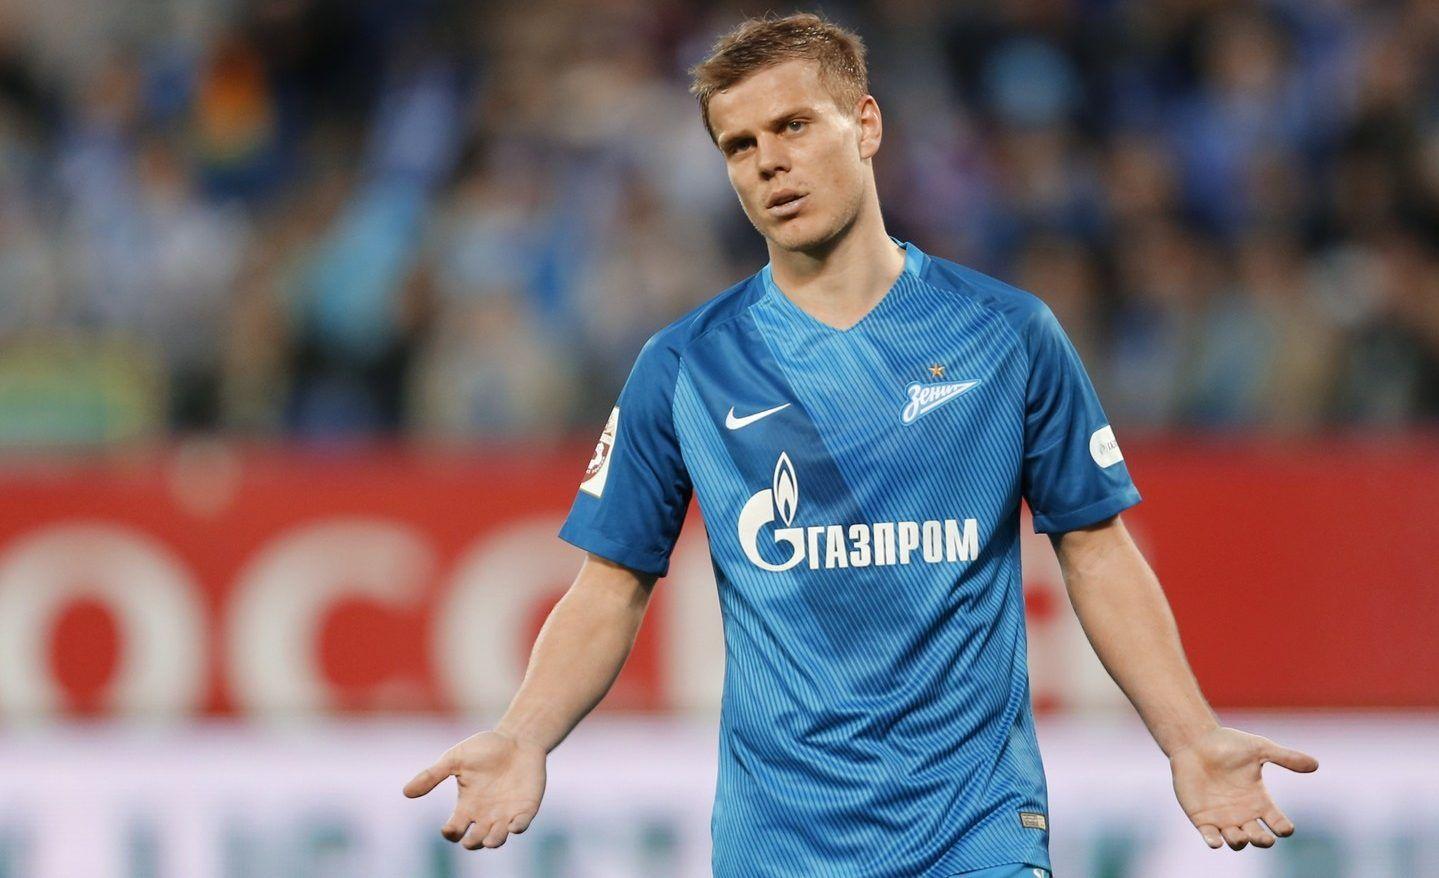 ФК «Сочи» рассчитывает, что решение по переходу Александра Кокорина будет принято 14 февраля